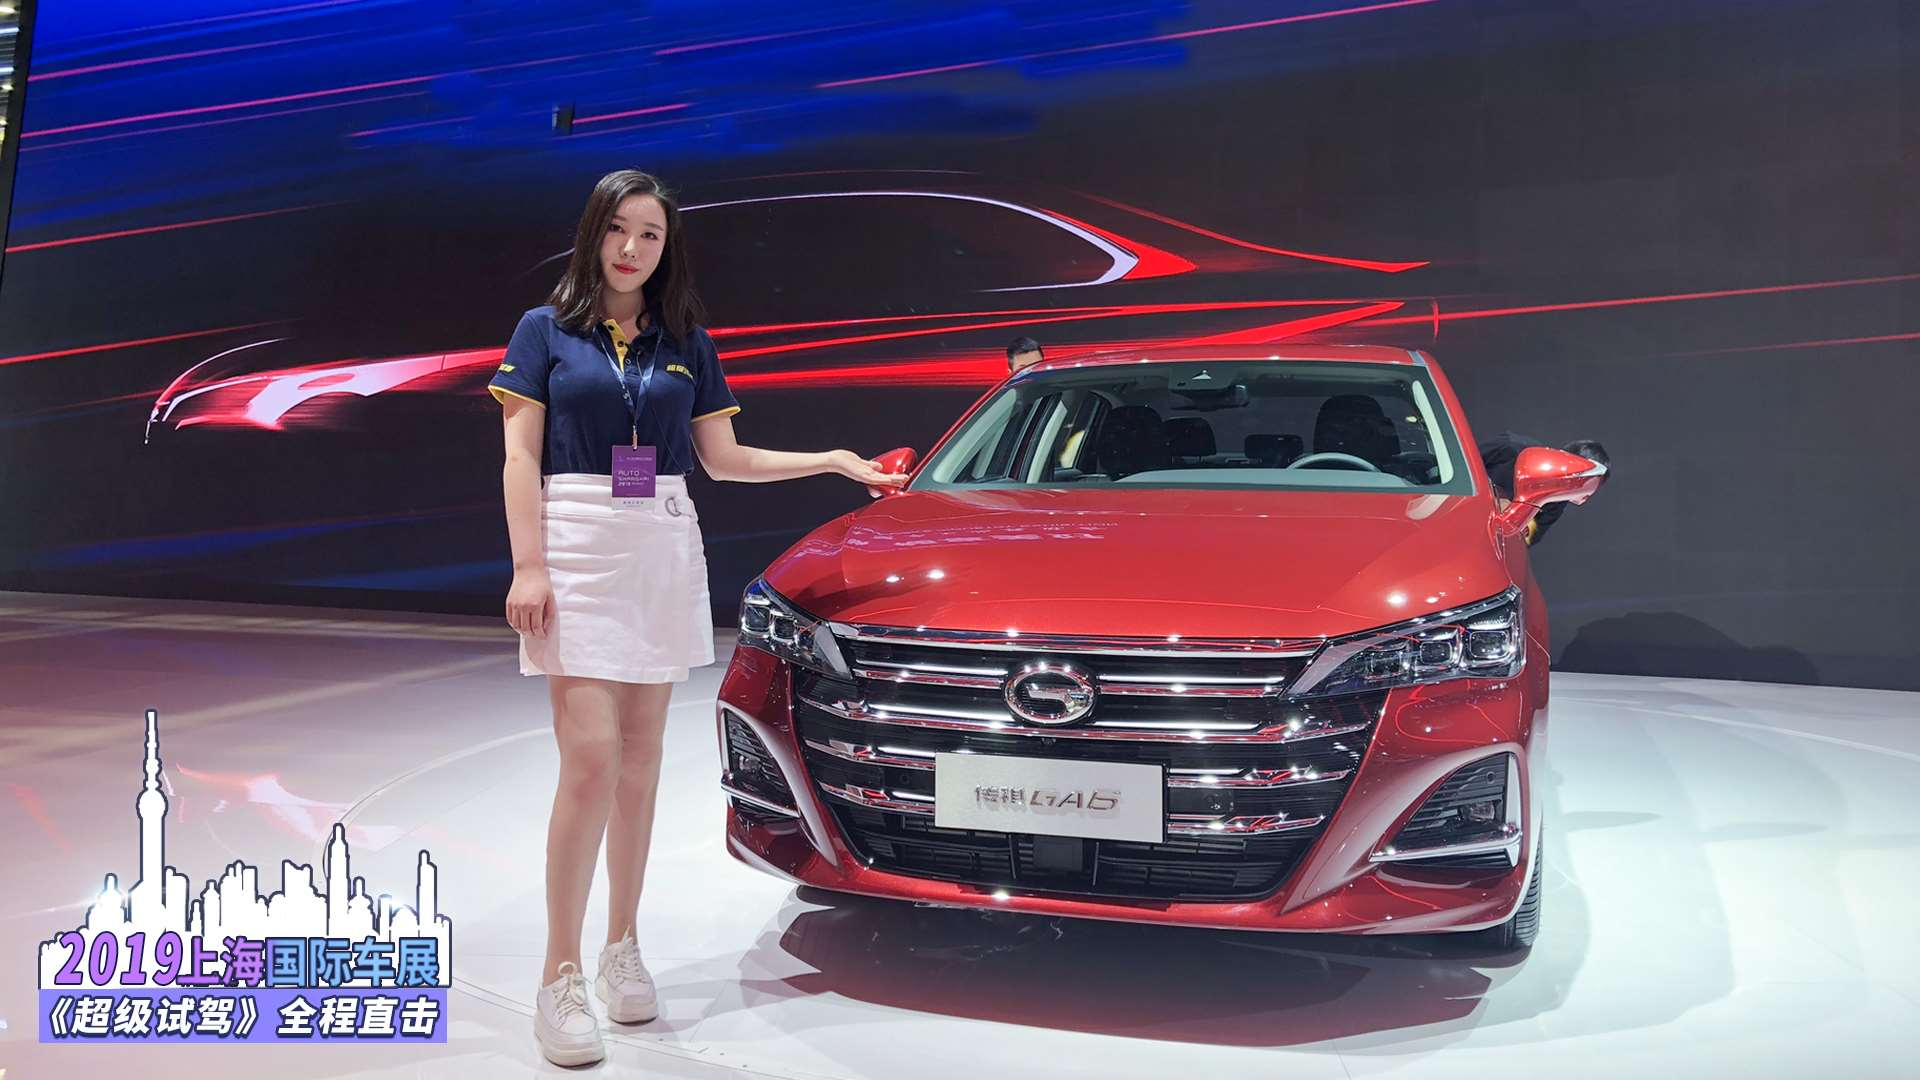 重塑中高级轿车市场!全新传祺GA6亮相上海车展!